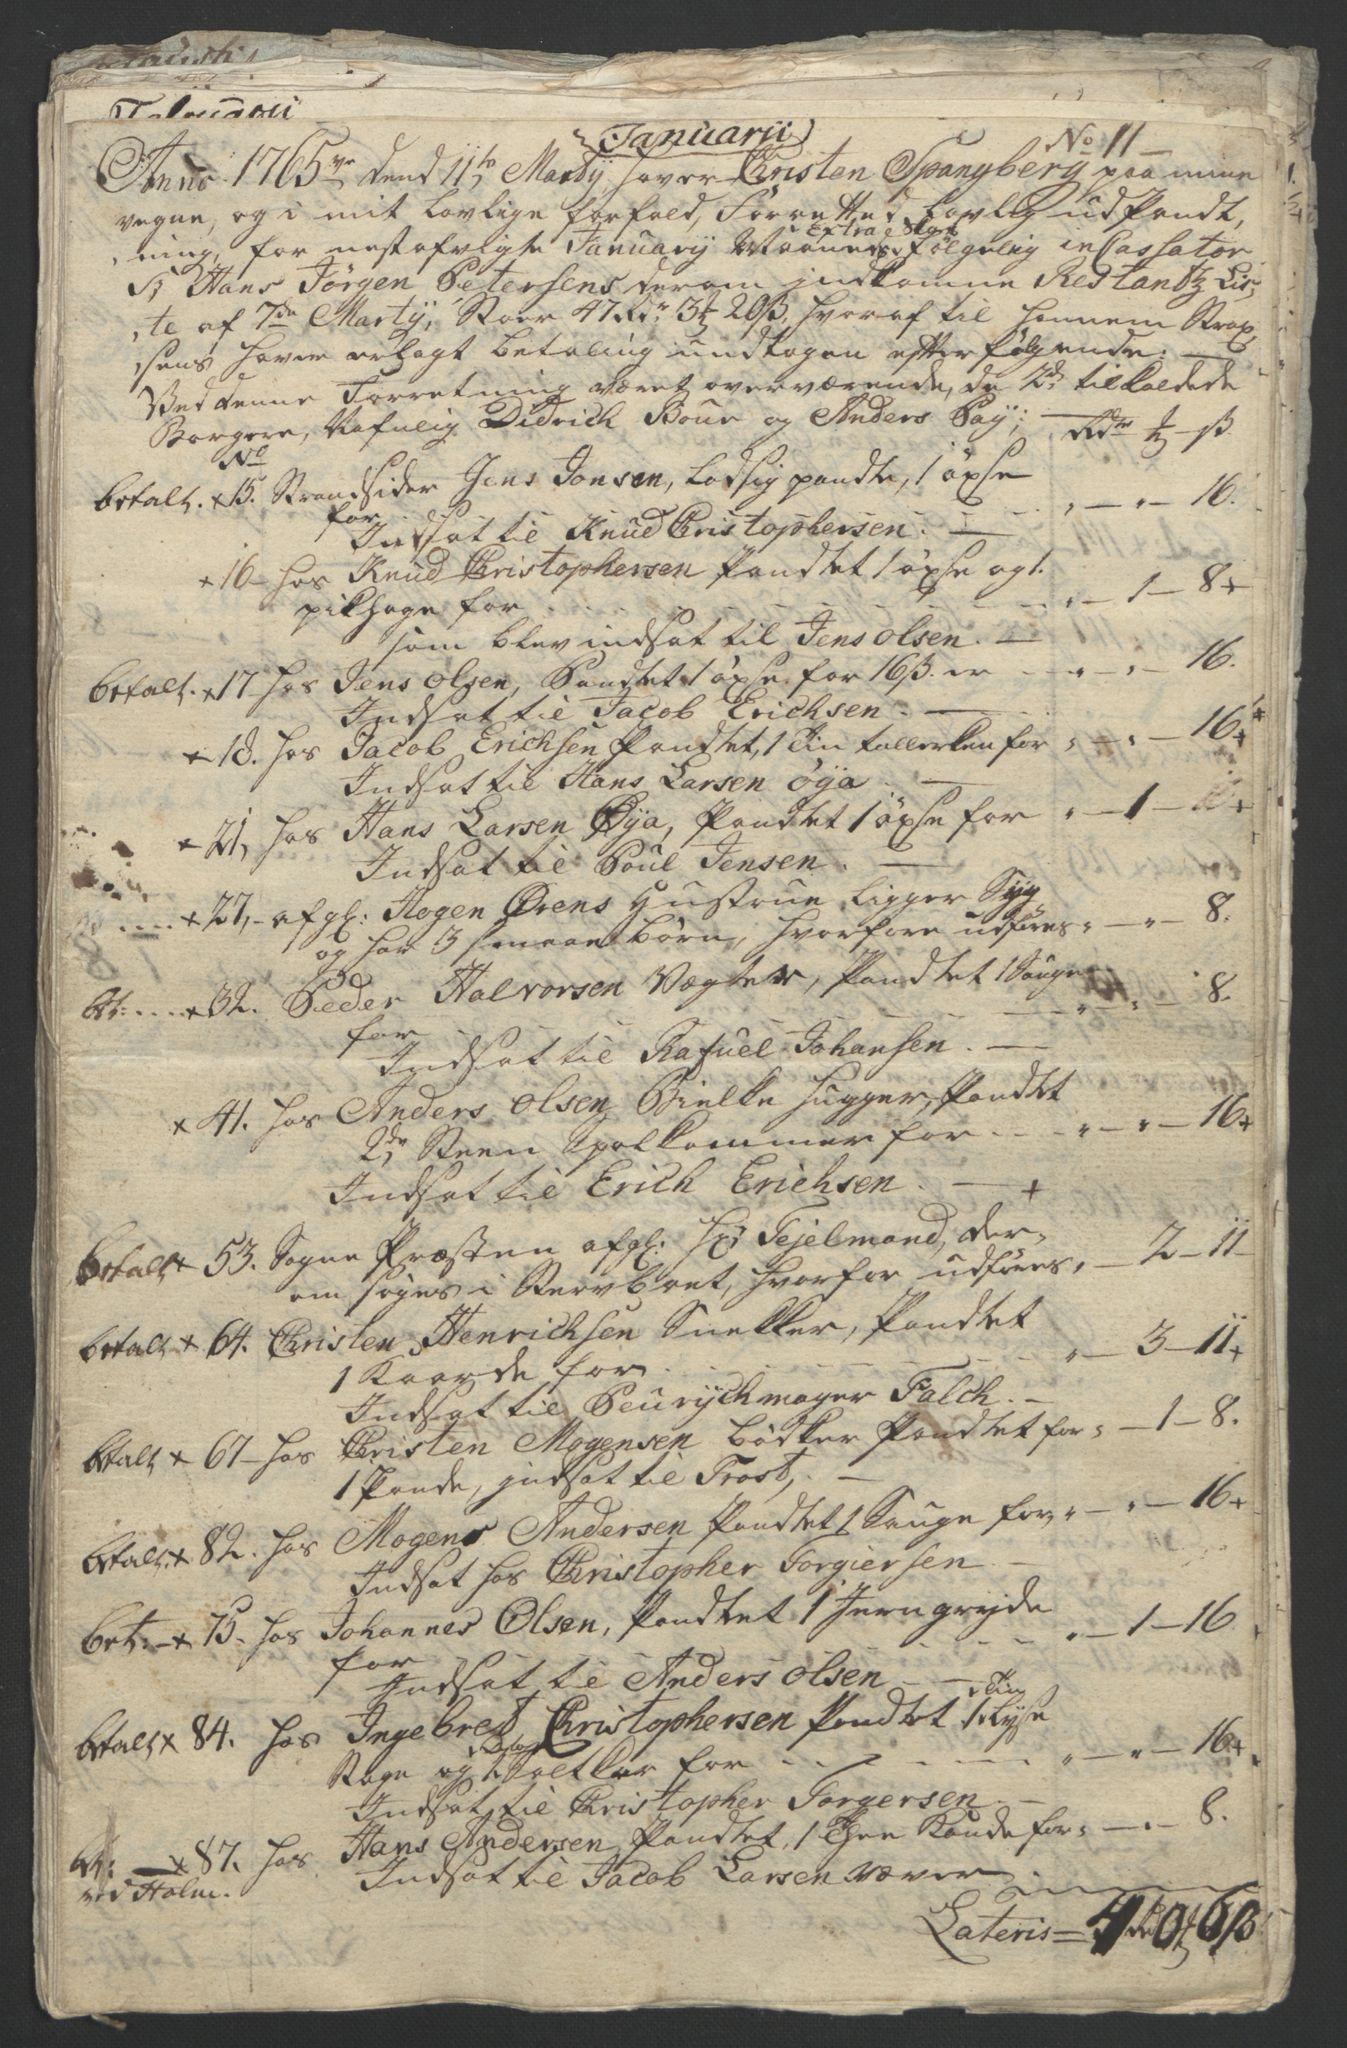 RA, Rentekammeret inntil 1814, Reviderte regnskaper, Byregnskaper, R/Rf/L0119: [F2] Kontribusjonsregnskap, 1762-1767, s. 317